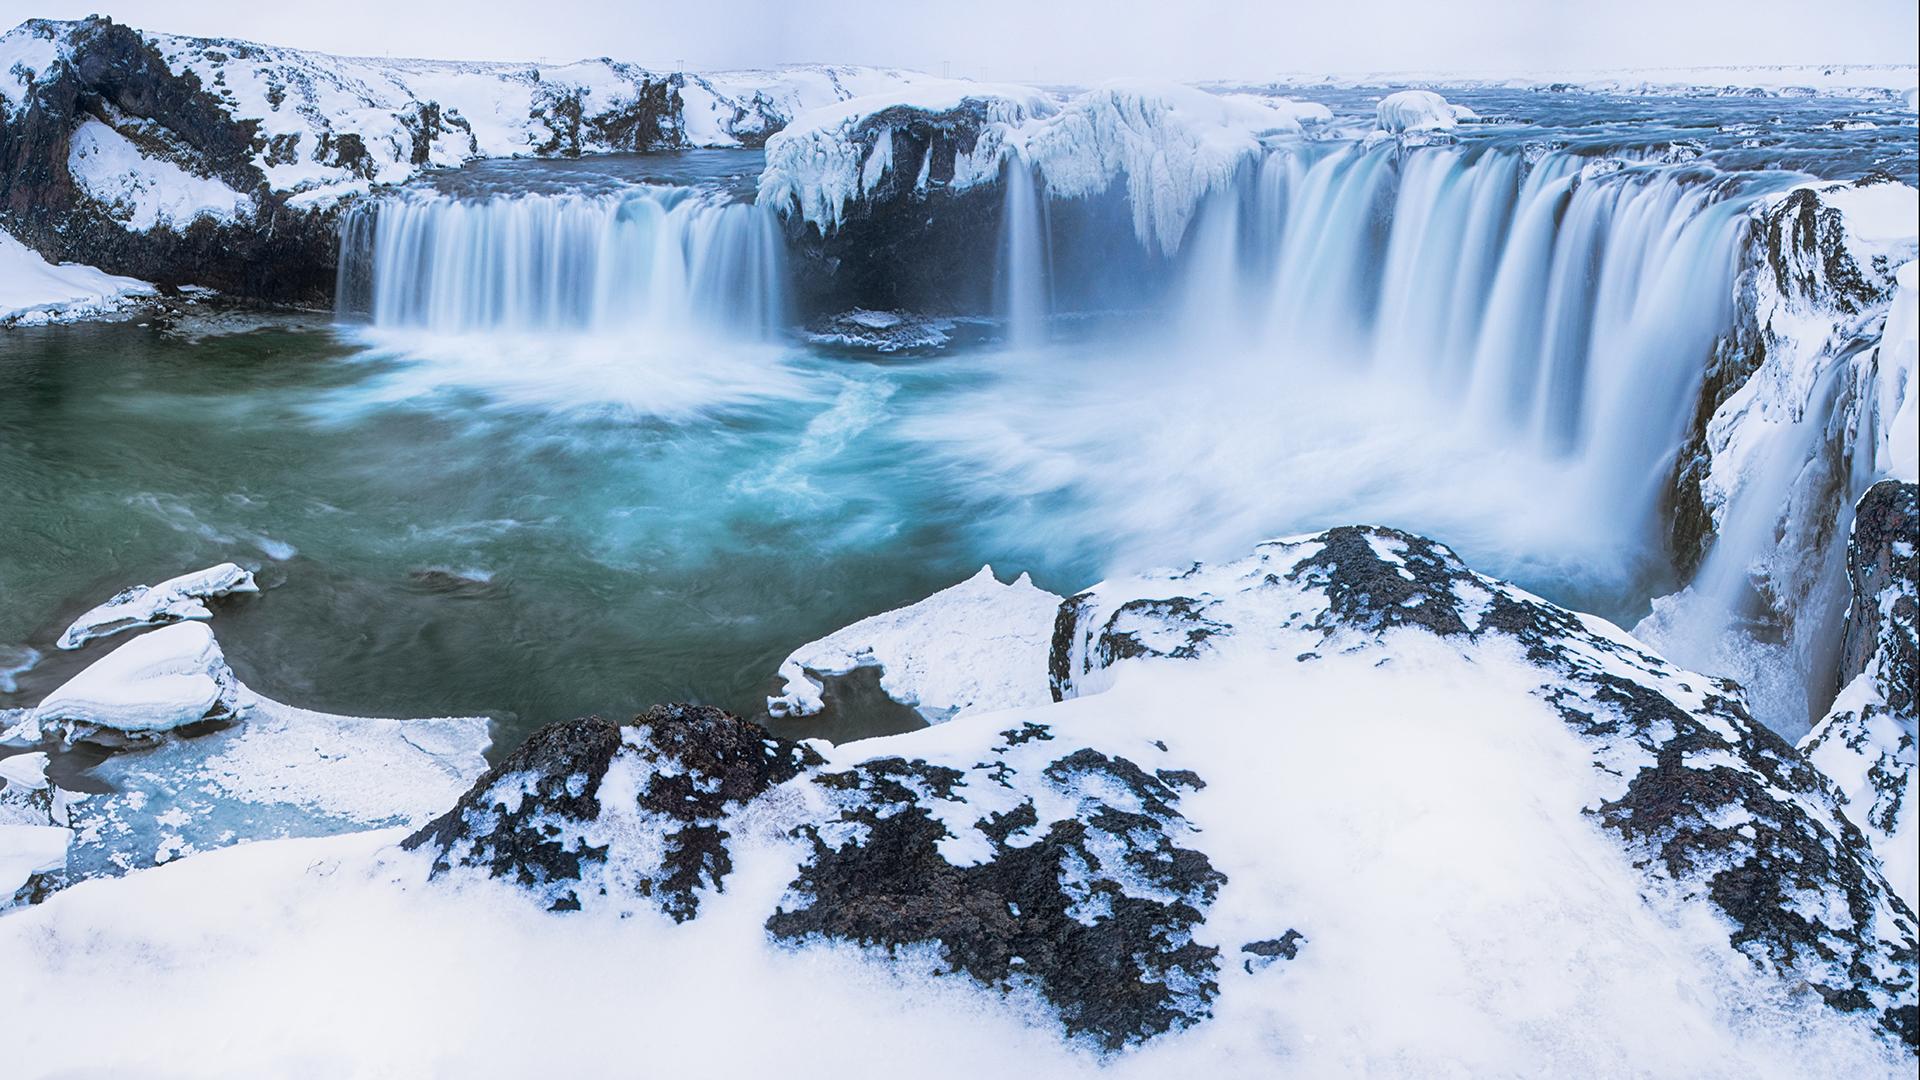 обои для рабочего стола зима водопады № 467080  скачать